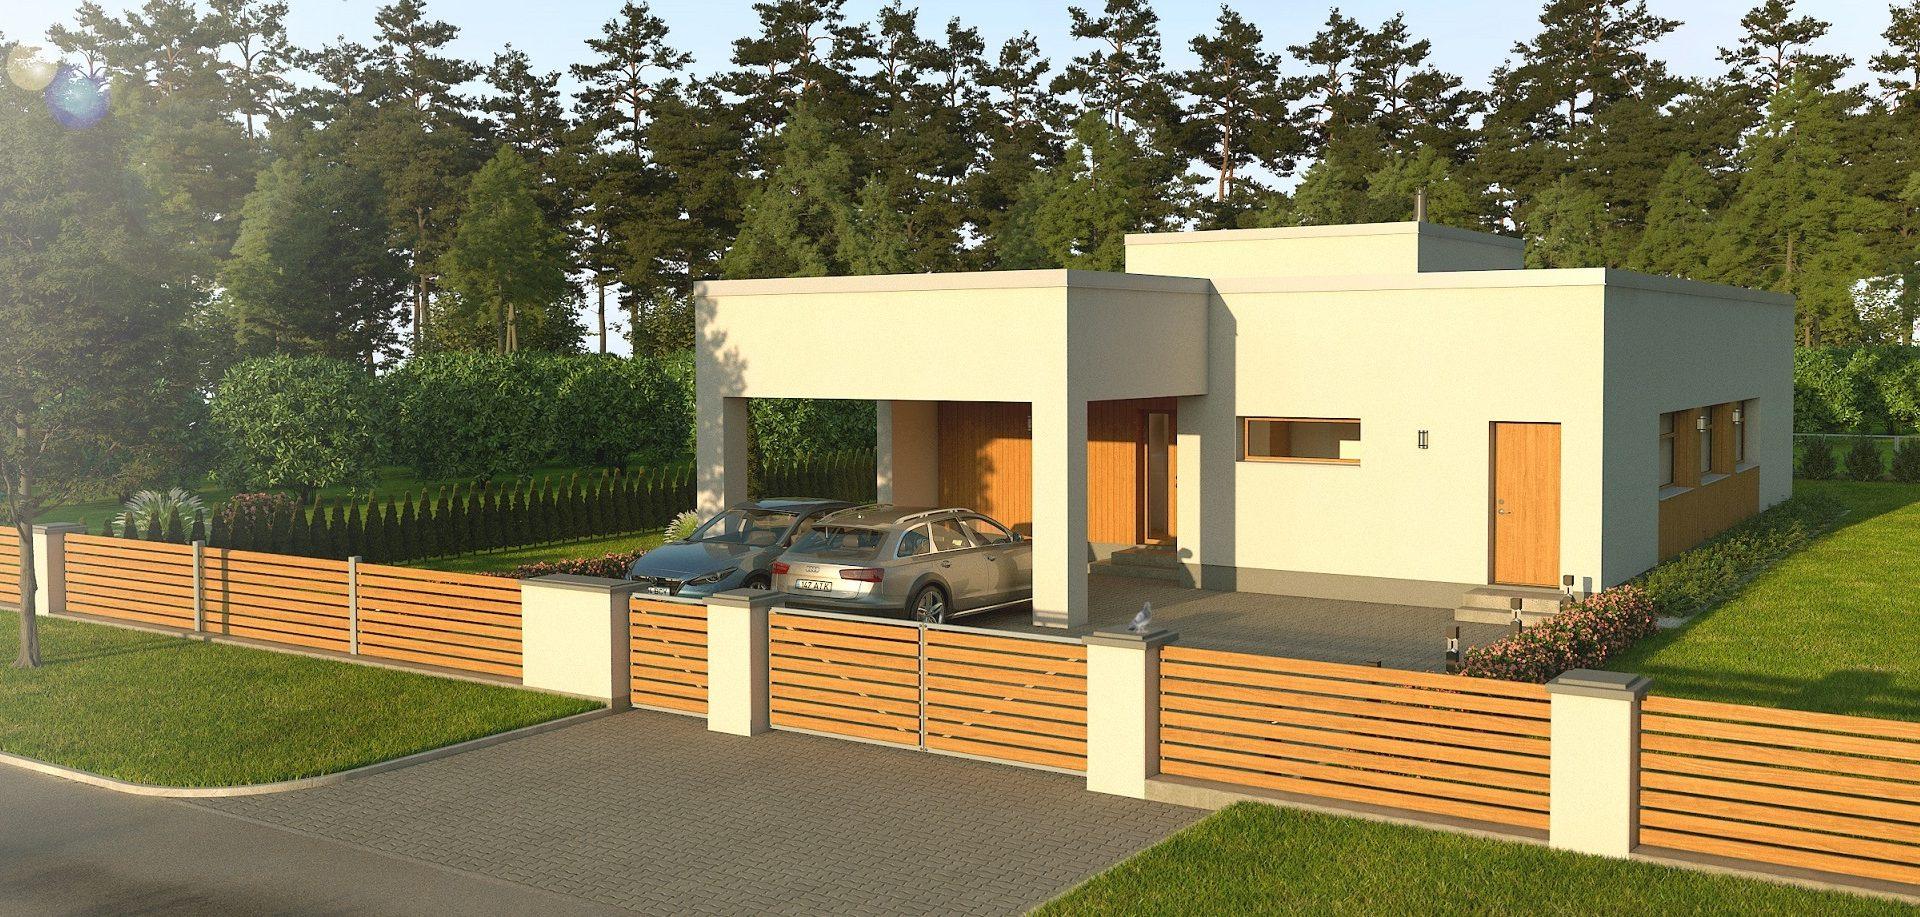 render 10 2000px cropped 1920x917 - Nurmenuku houses